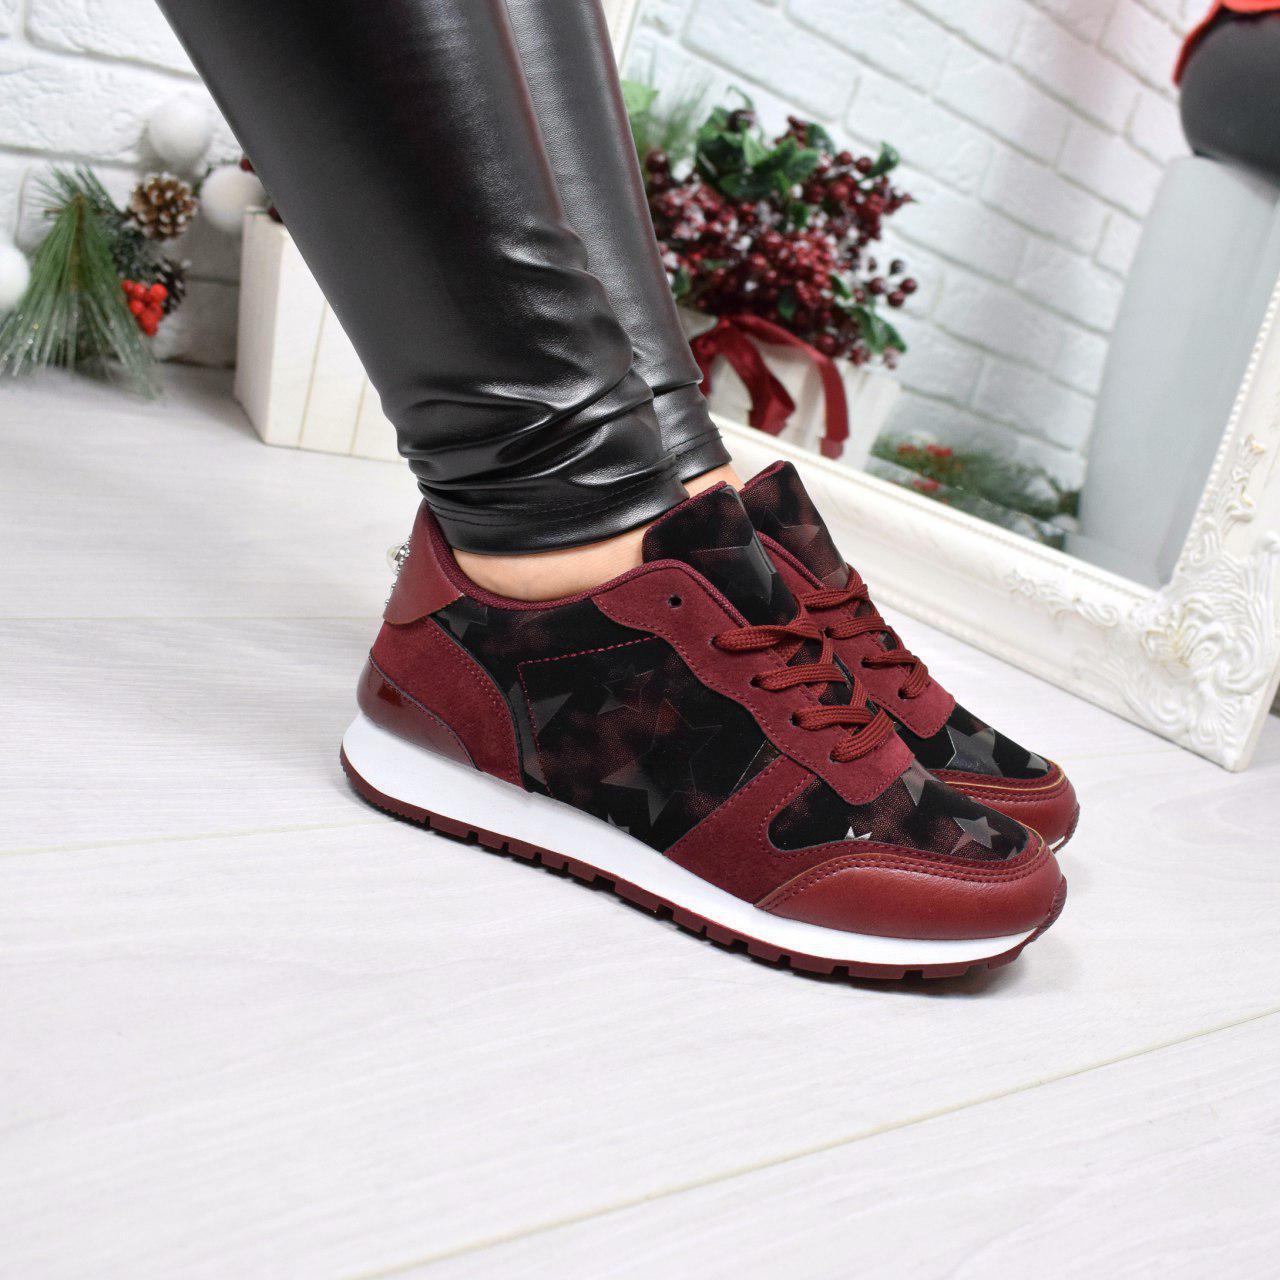 """(36 и 37 РАЗМЕРЫ) Кроссовки, кеды, мокасины женские бордо """"Stars"""", эко кожа, спортивная обувь"""